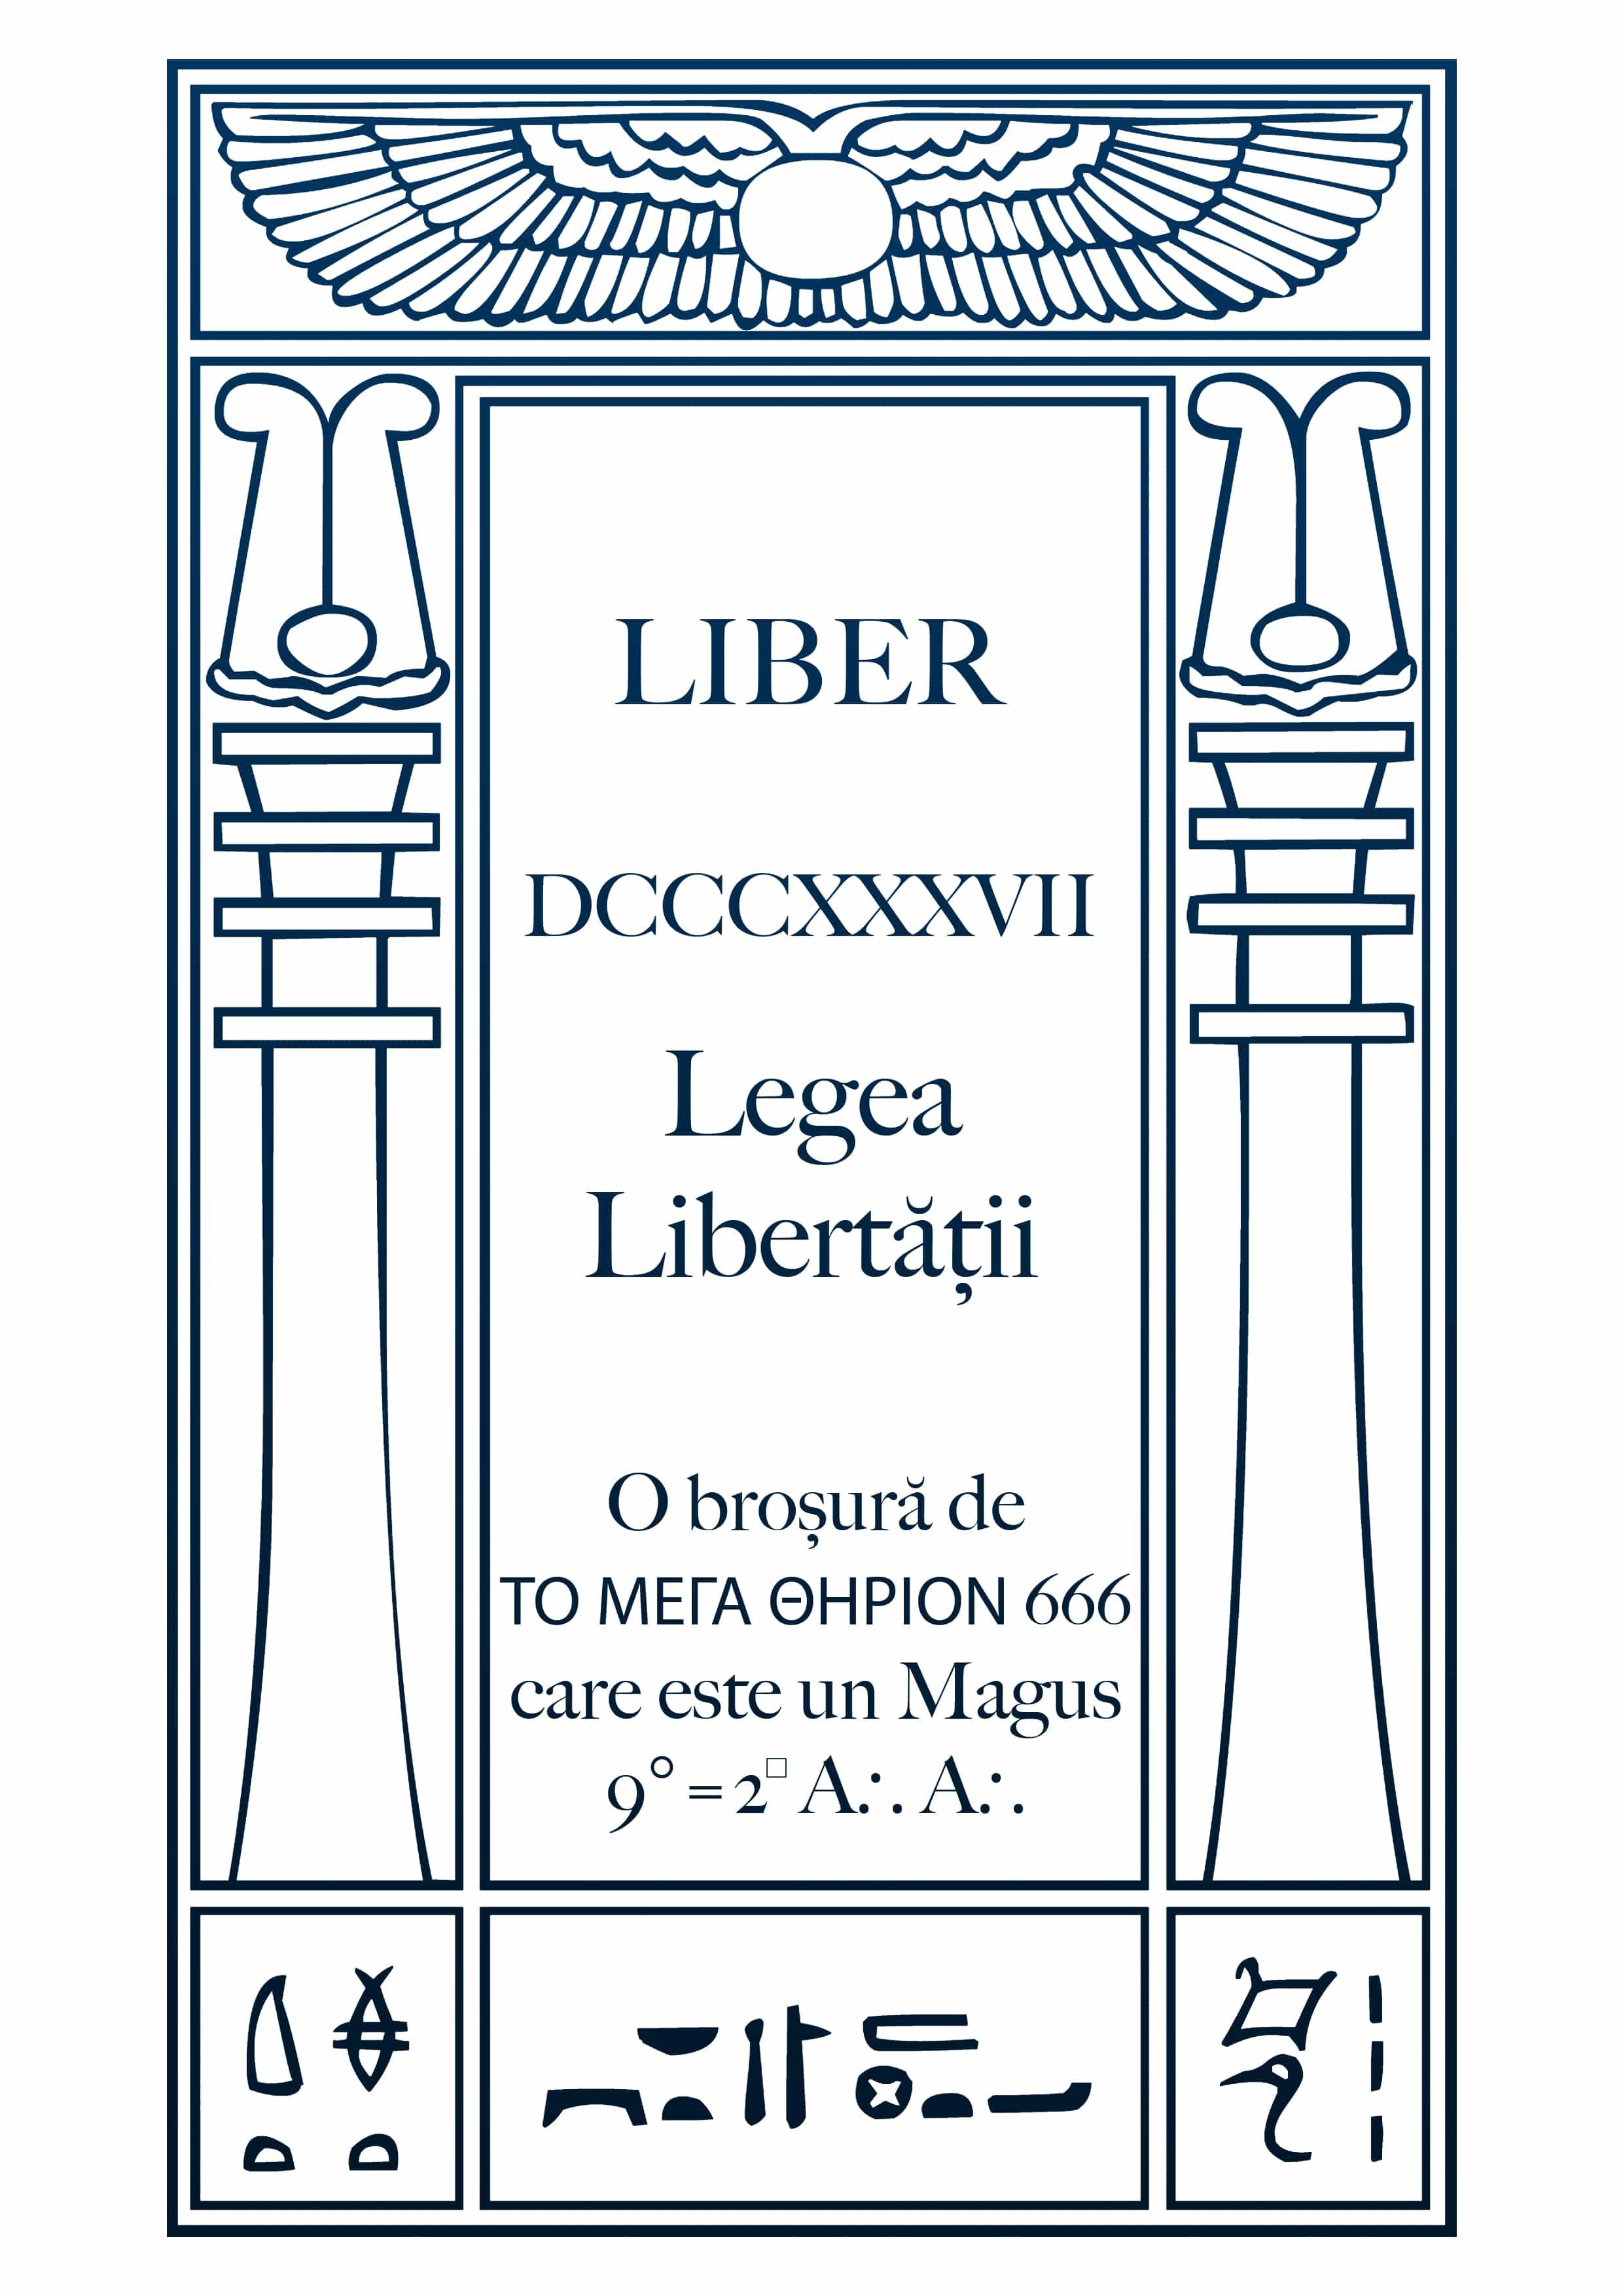 Liber DCCCXXXVII – Legea Libertății – O broșură de ΤΟ ΜΕΓΑ ΘΗΡΙΟΝ 666 care este un Magus 9°=2⸋ A∴A∴